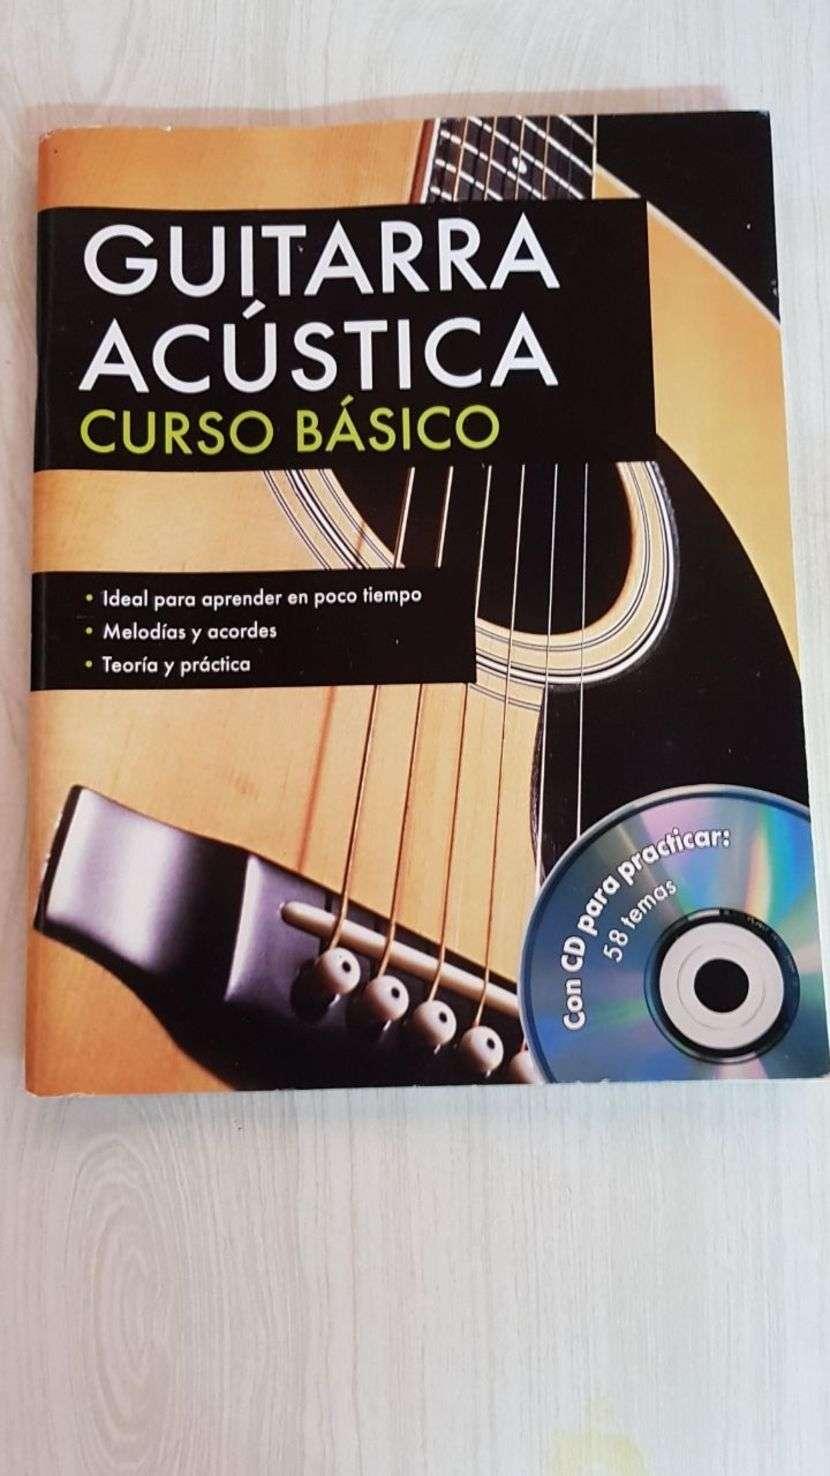 Curso básico guitarra acústica - 0